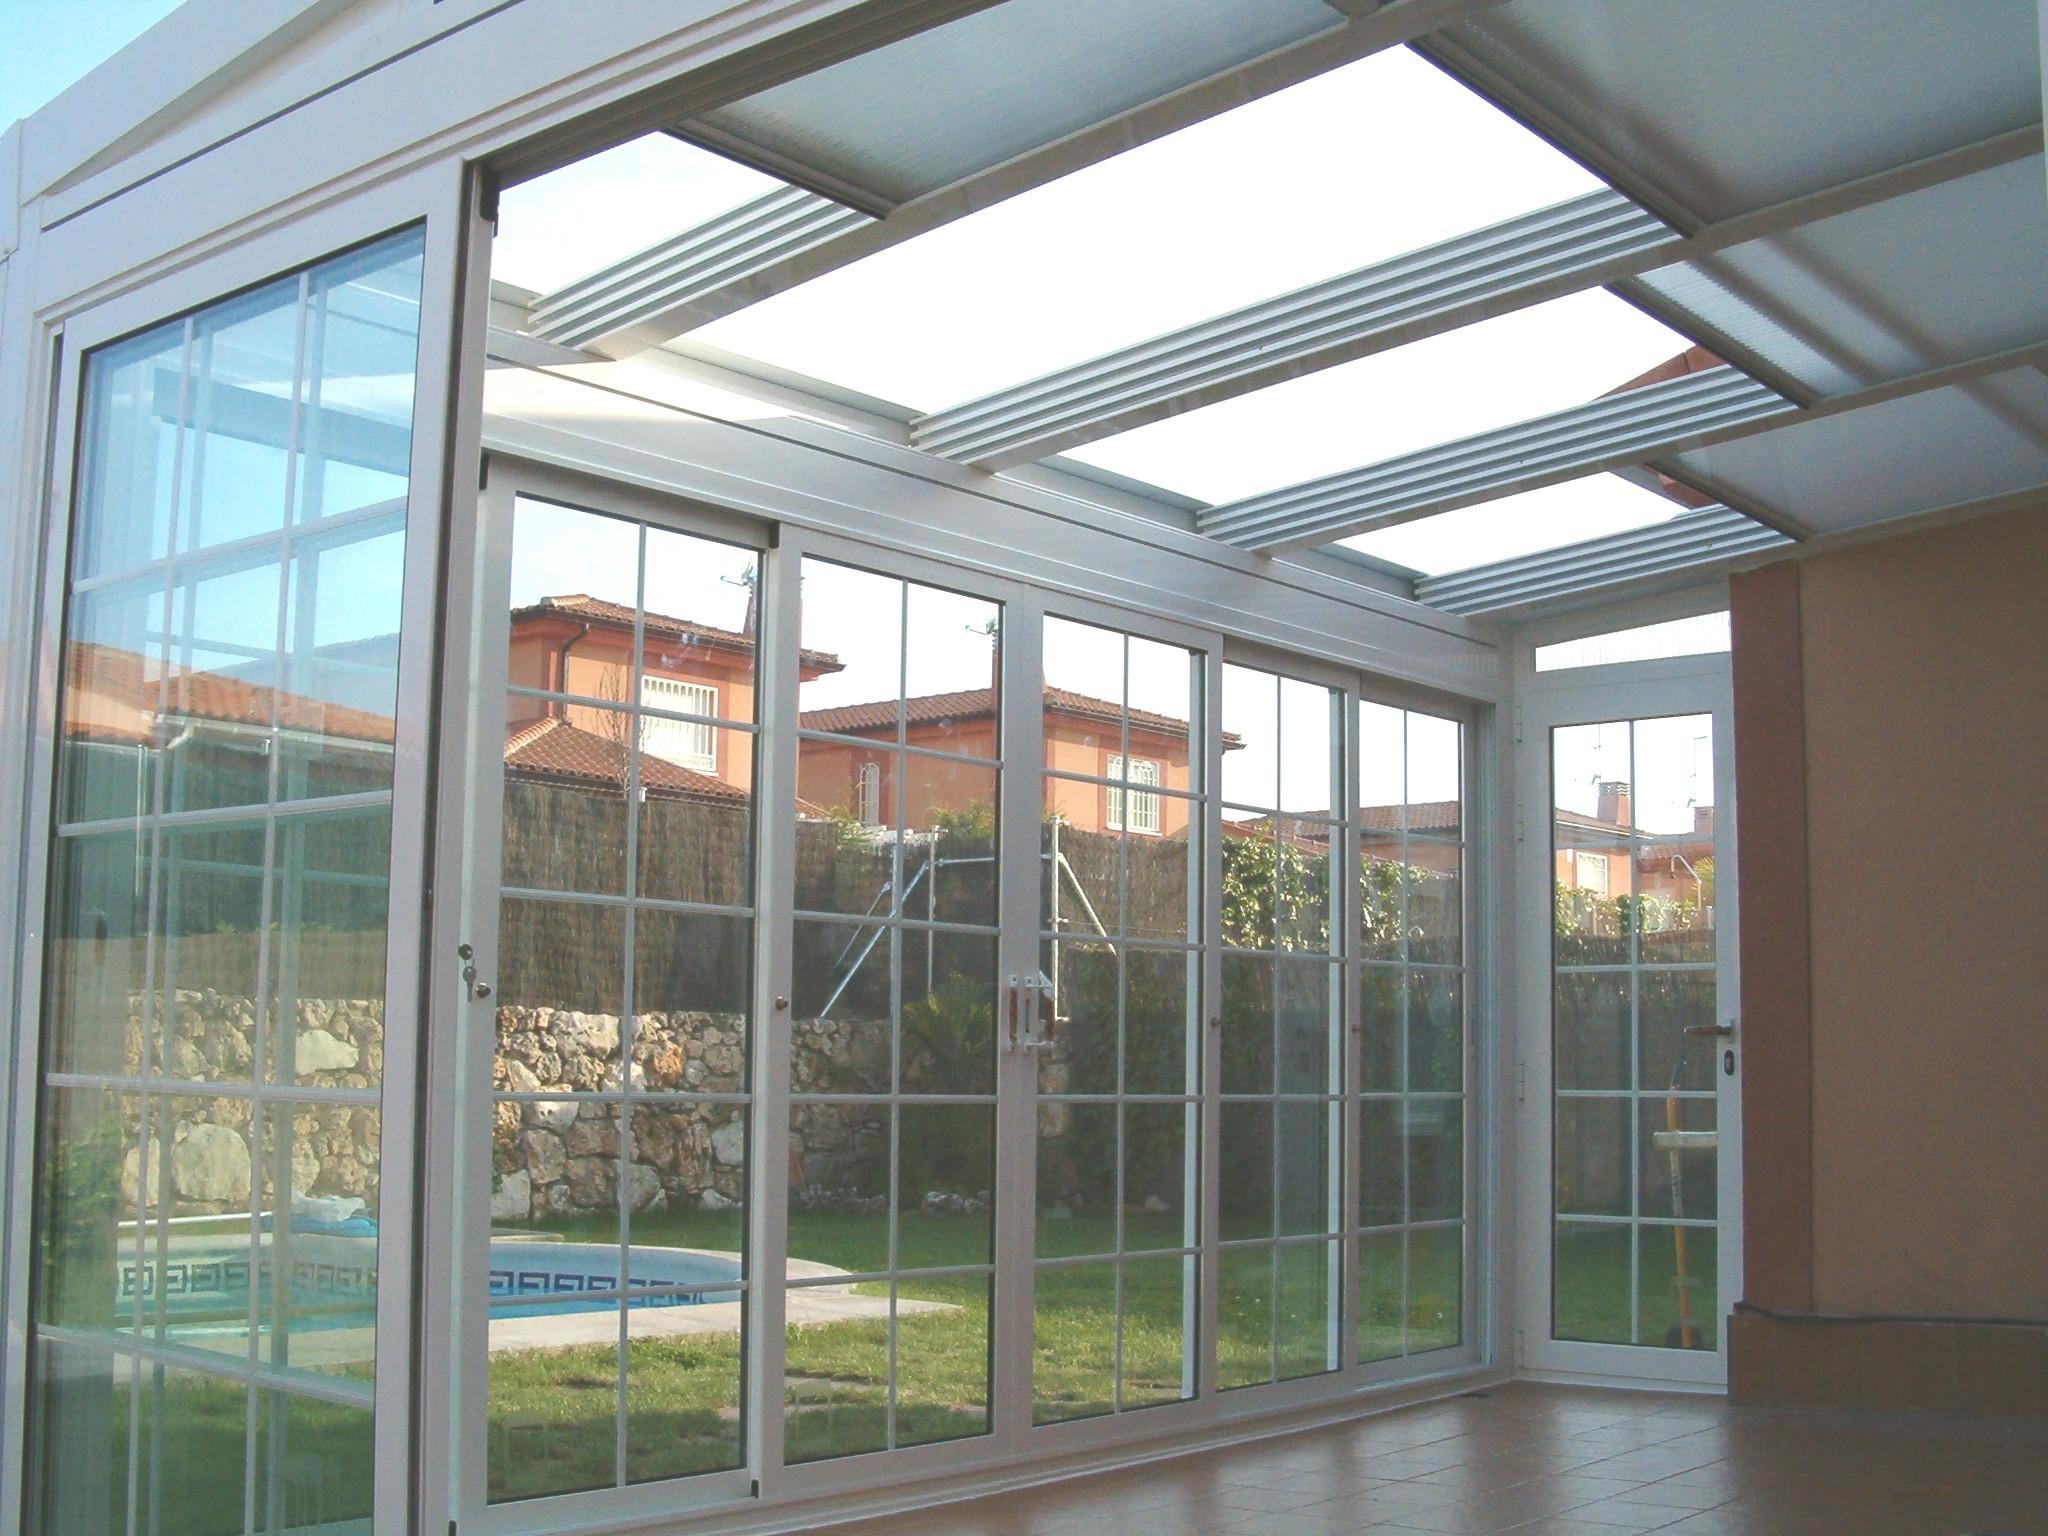 Techo m vil con policarbonato aluminios y persianas for Precios de toldos para balcones